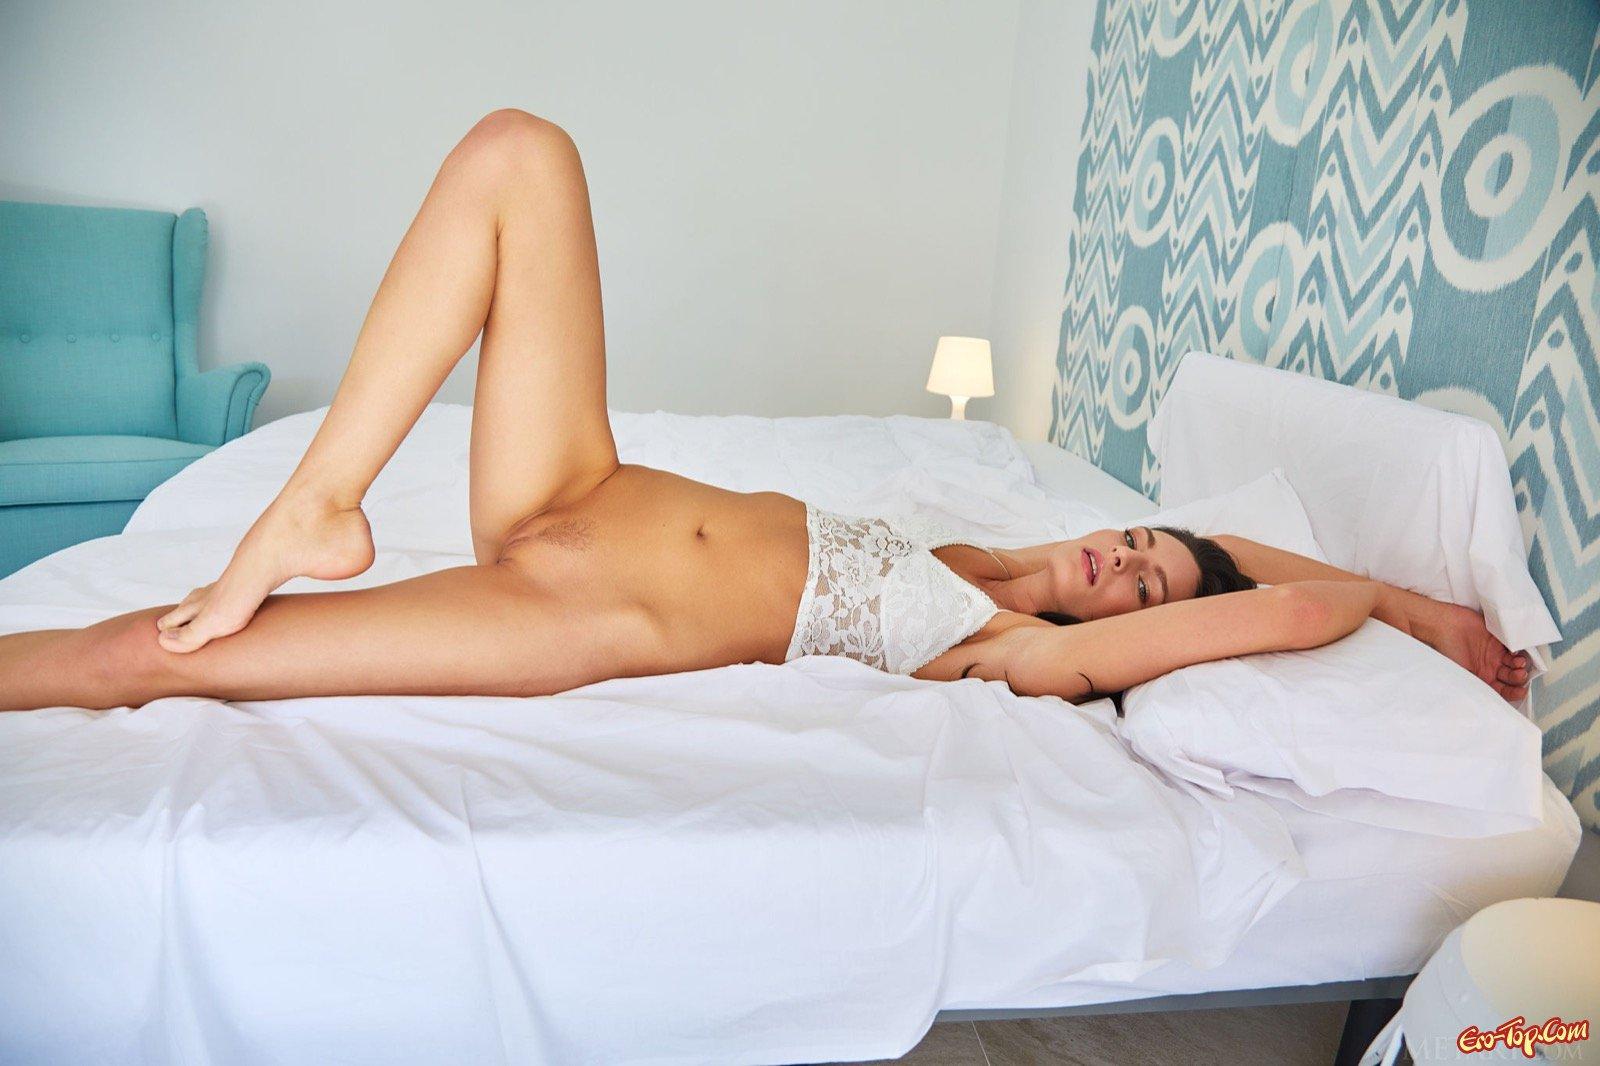 Прекрасная брюнеточка с возбужденной пиздой в кровати